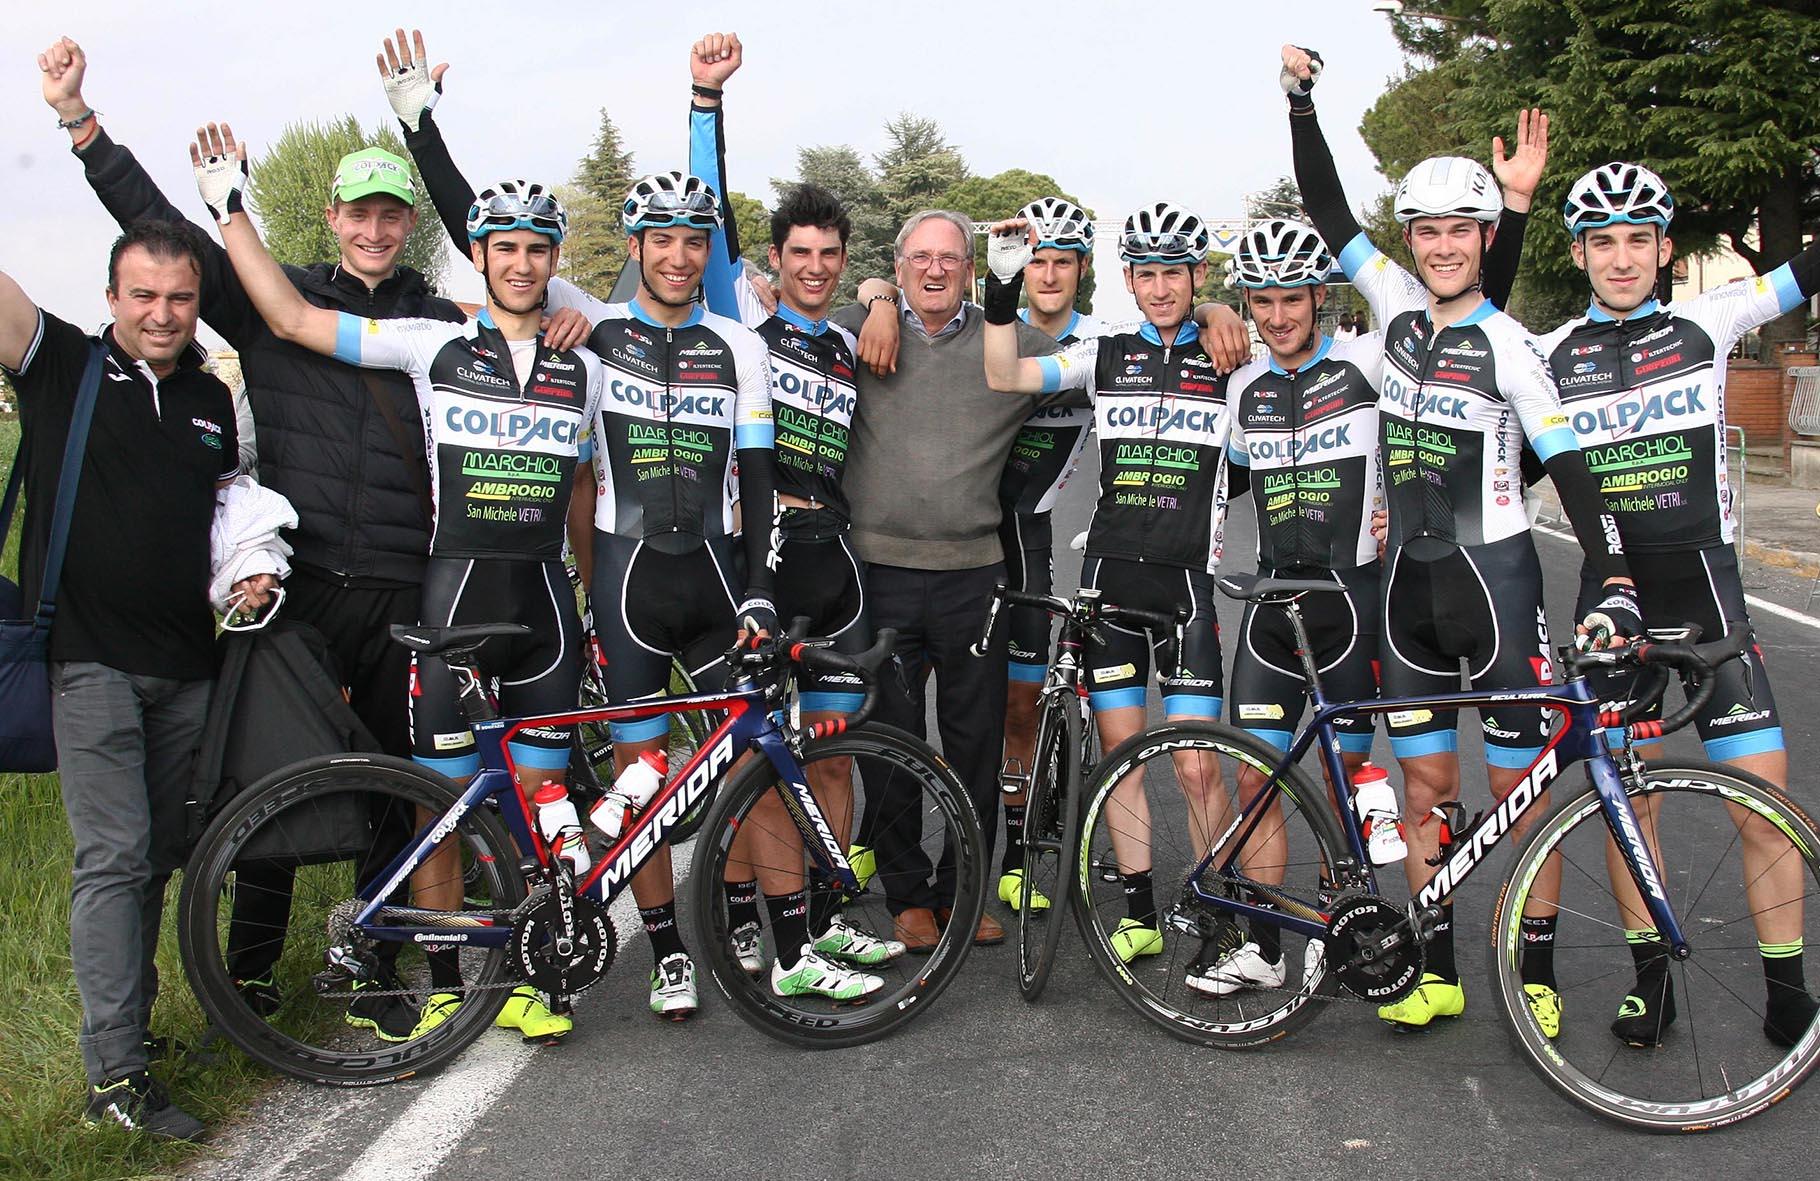 Festa per il presidente Beppe Colleoni e i suoi ragazzi del Team Colpack